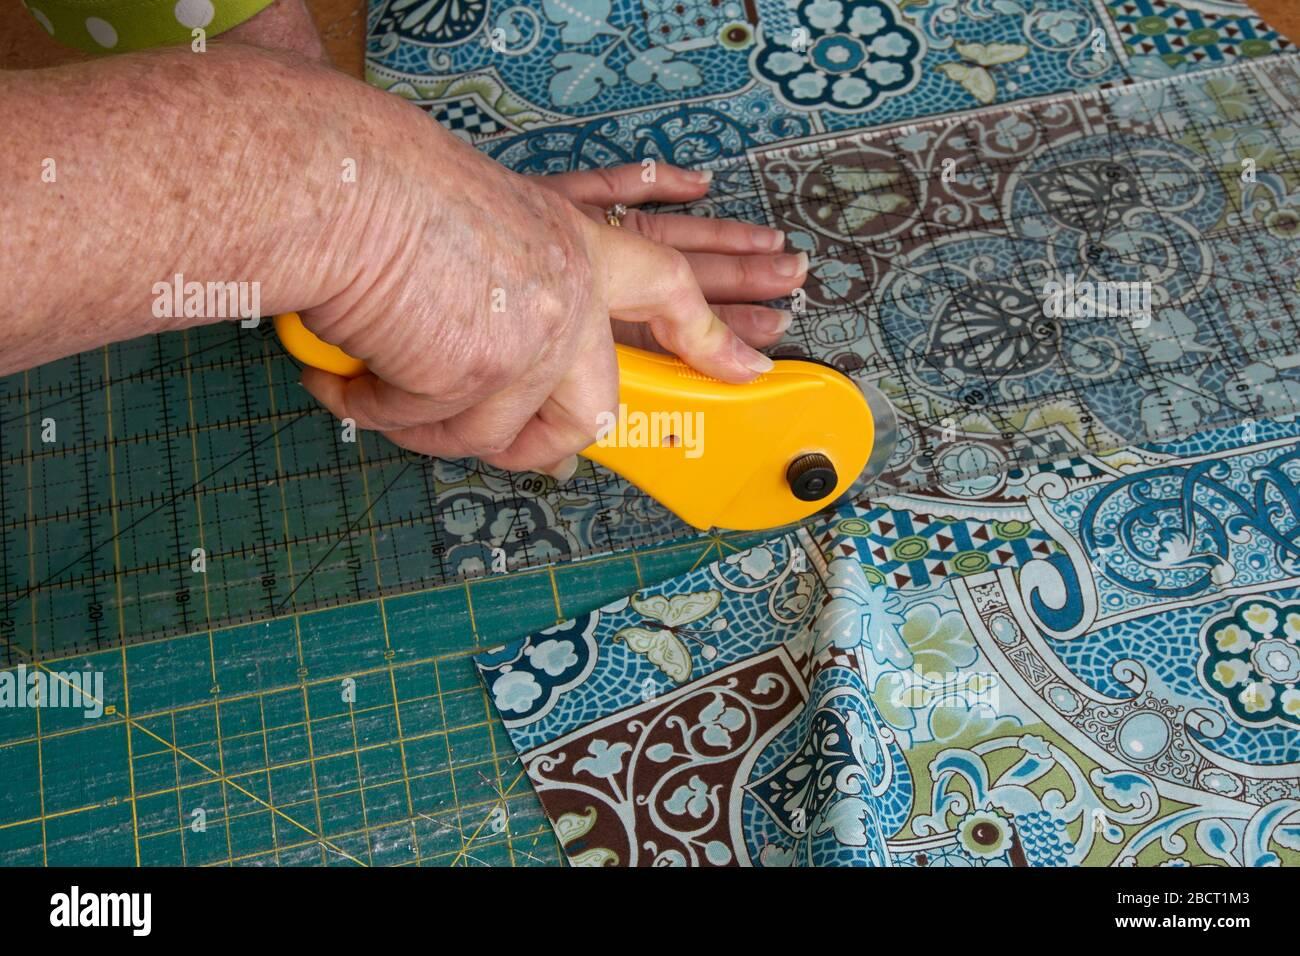 Sconosciuto Artigianato In Pelle In Acciaio Inox Utensili Di Cucito Tagliato Trincetto